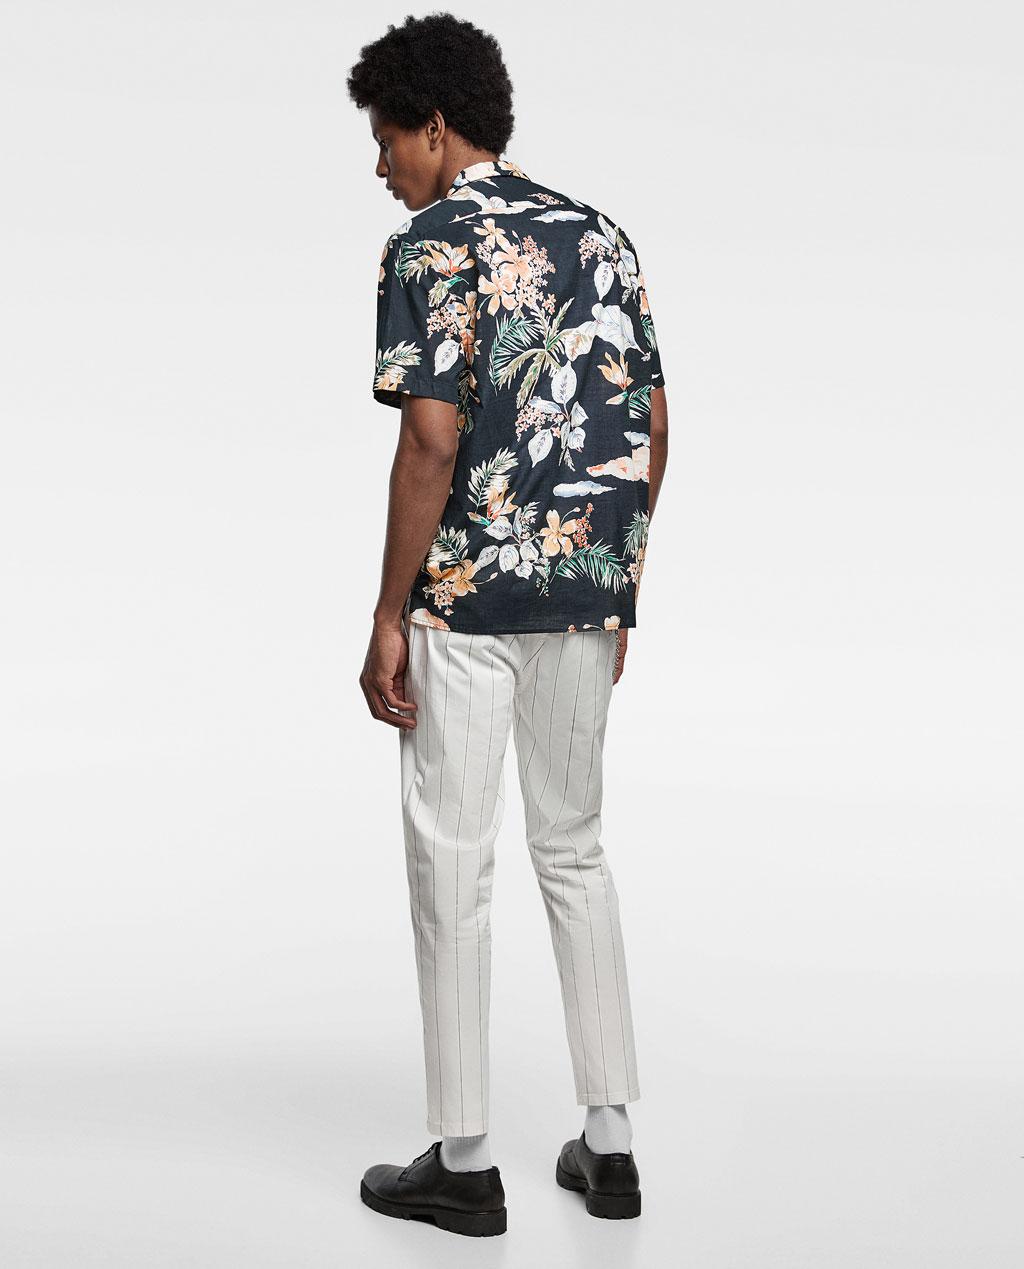 Thời trang nam Zara  23979 - ảnh 5